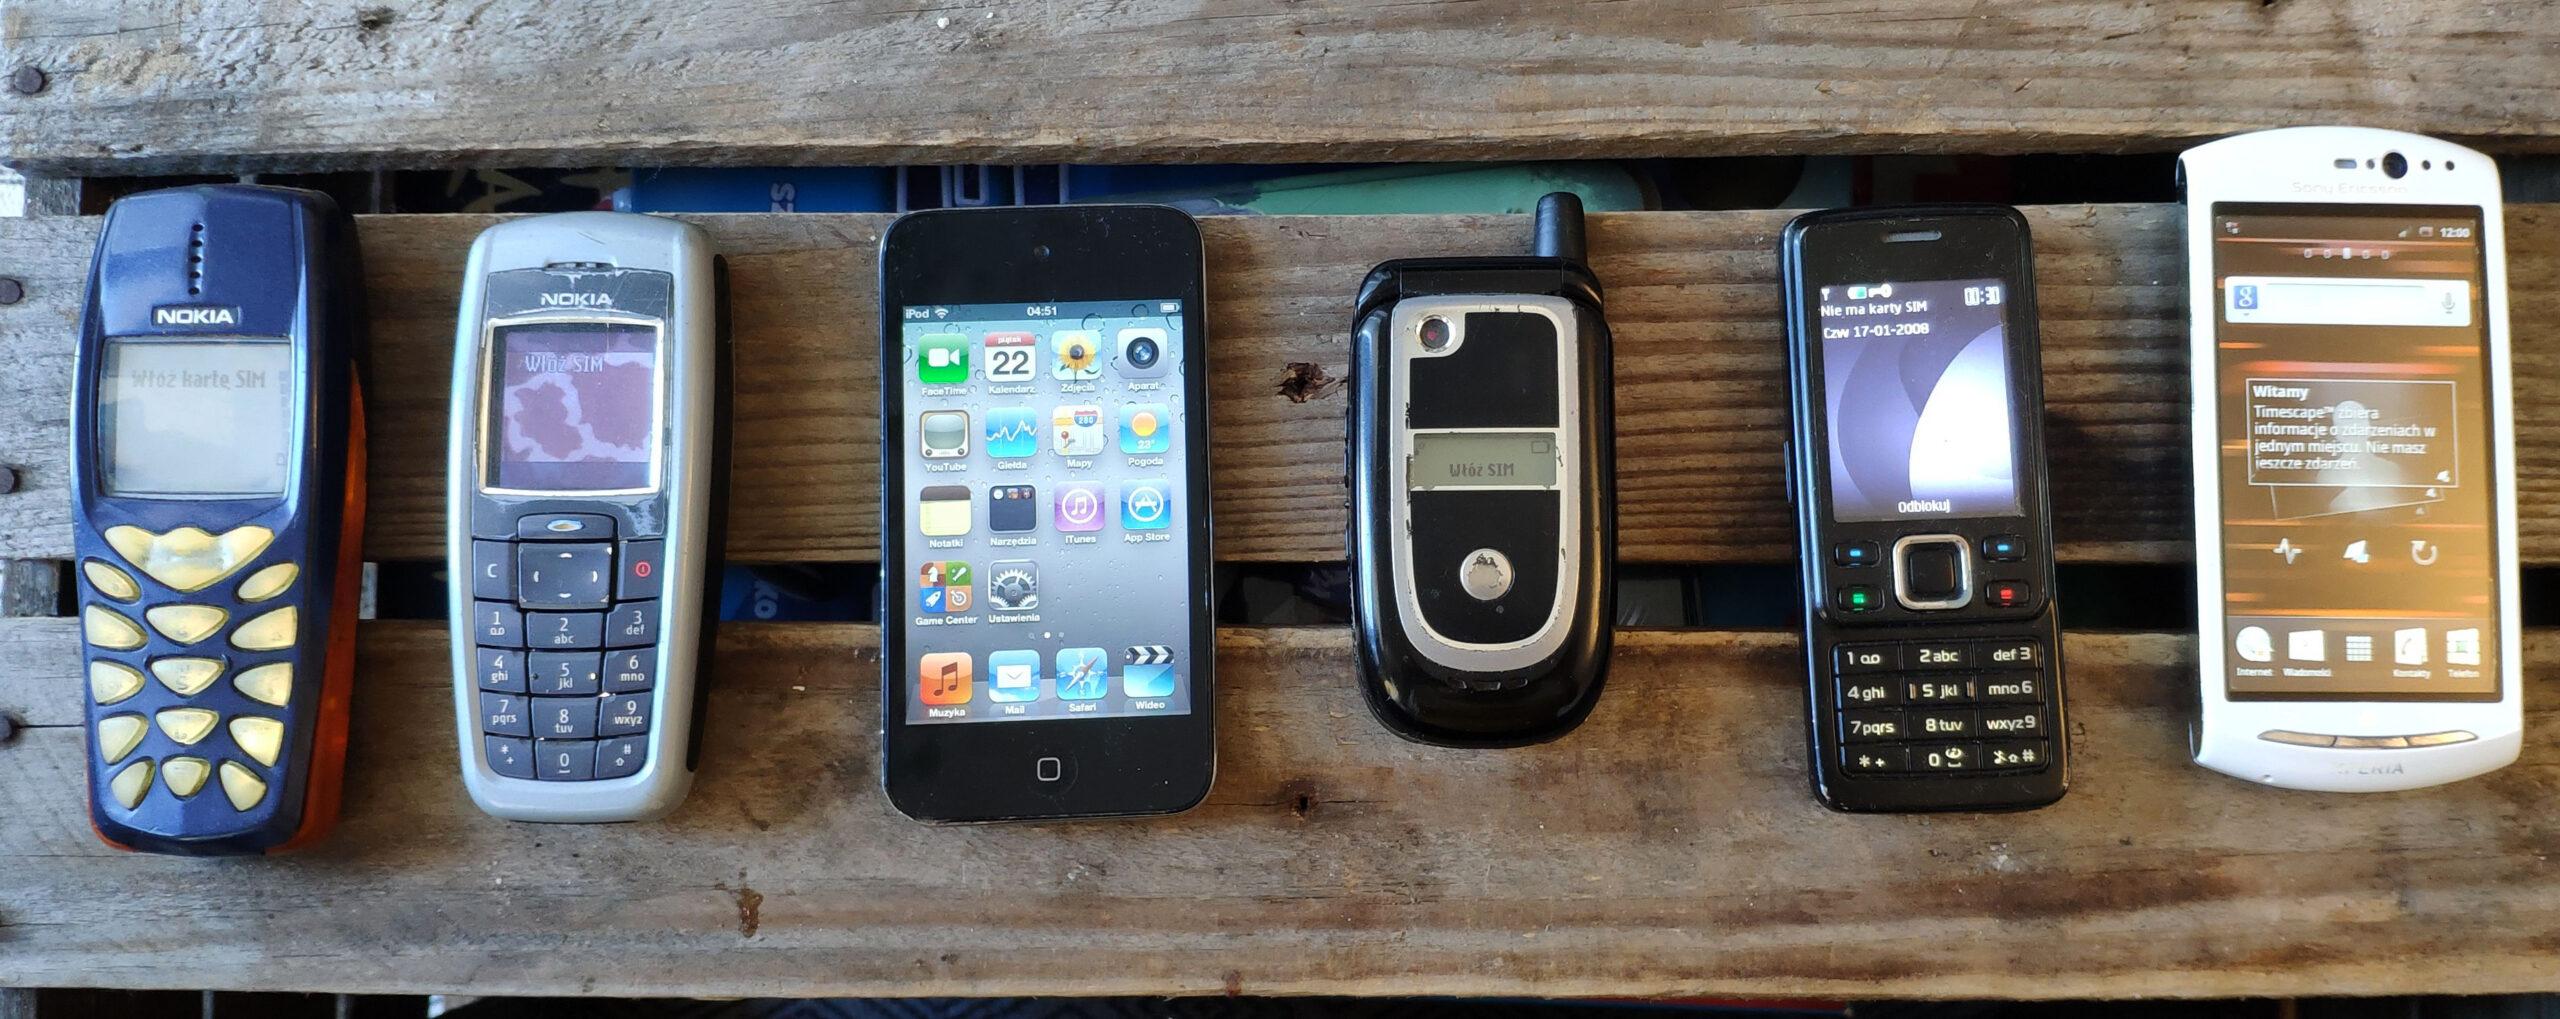 Od lewej: Nokia 3510i, Nokia 2600, iPod touch 4. gen, Motorola V235, Nokia 6300, Sony Ericsson Xperia Neo V